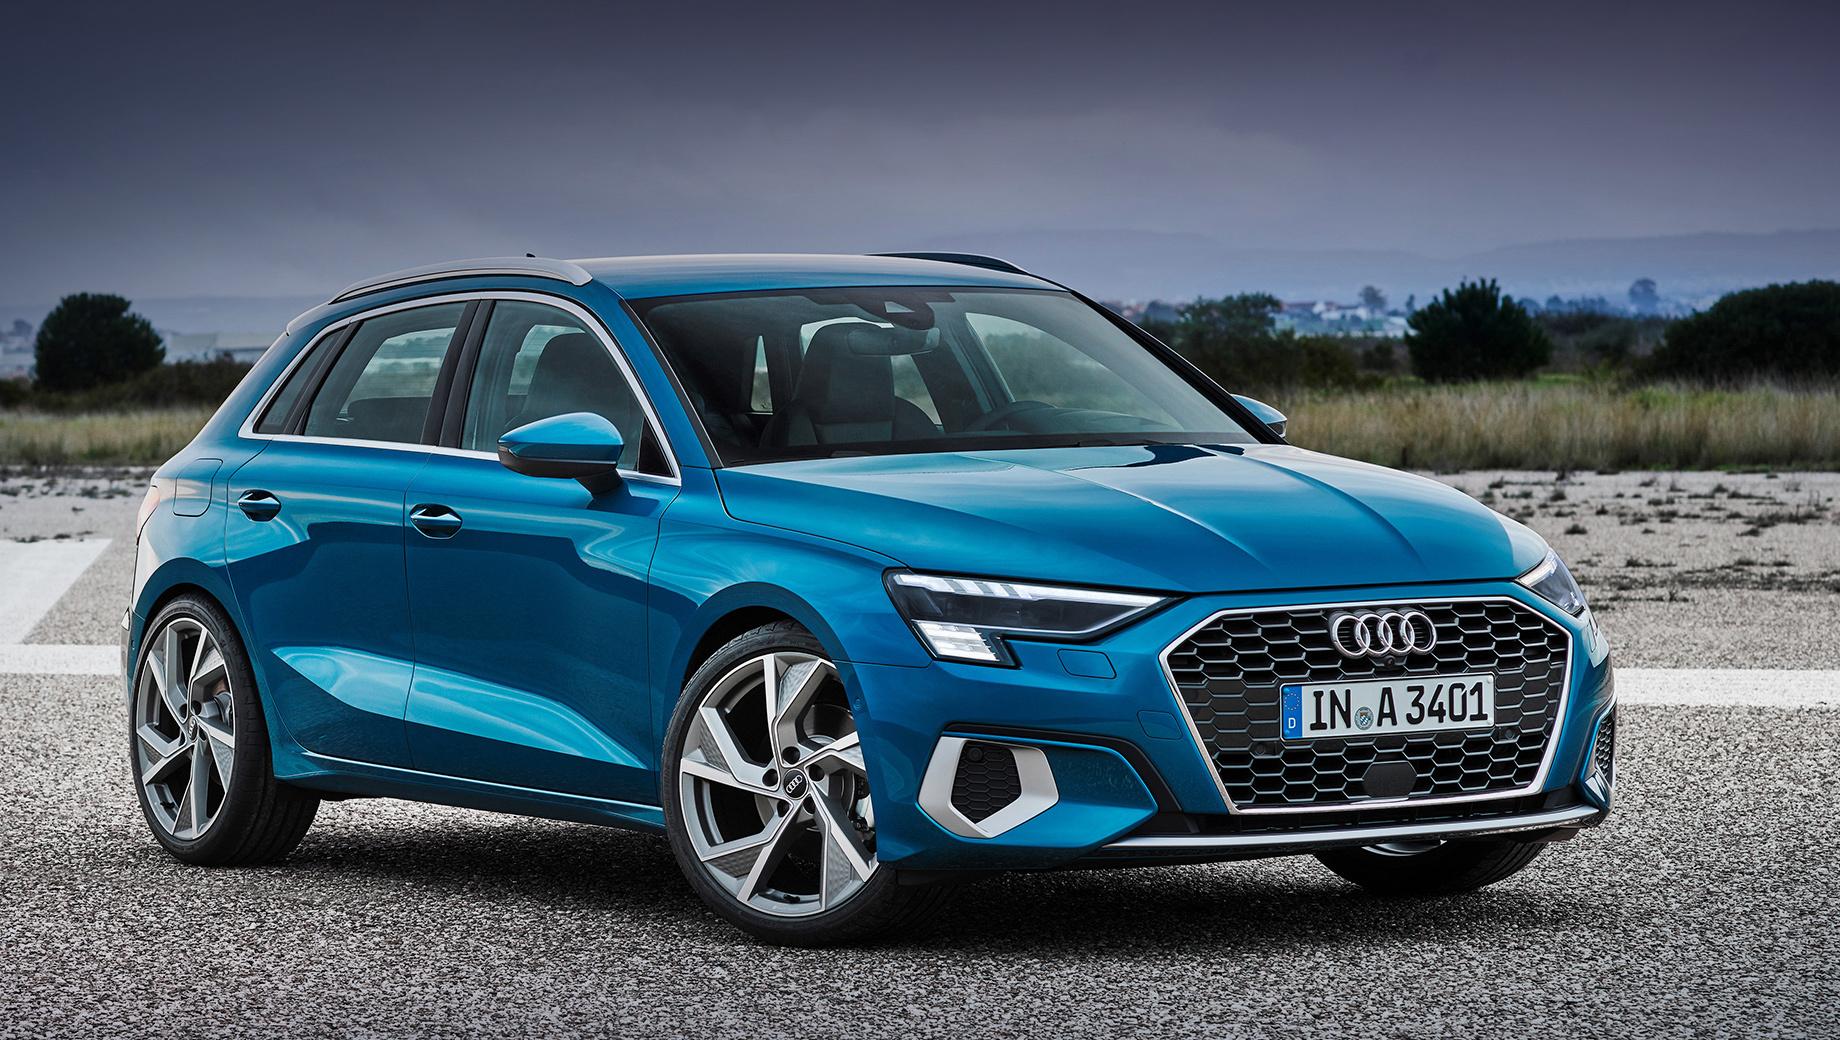 Audi a3,Audi a3 sportback. Продажи в Европе начнутся в марте 2020 года, первые машины доберутся до клиентов в мае. За базовую версию 1.5 в Германии просят 28 900 евро (2,14 млн рублей). К примеру, за Mercedes A 180 (136 л.с.) нужно выложить 28 012 евро (2,07 млн), а за BMW 118i (140 л.с.) ― 28 300 евро (2,09 млн).